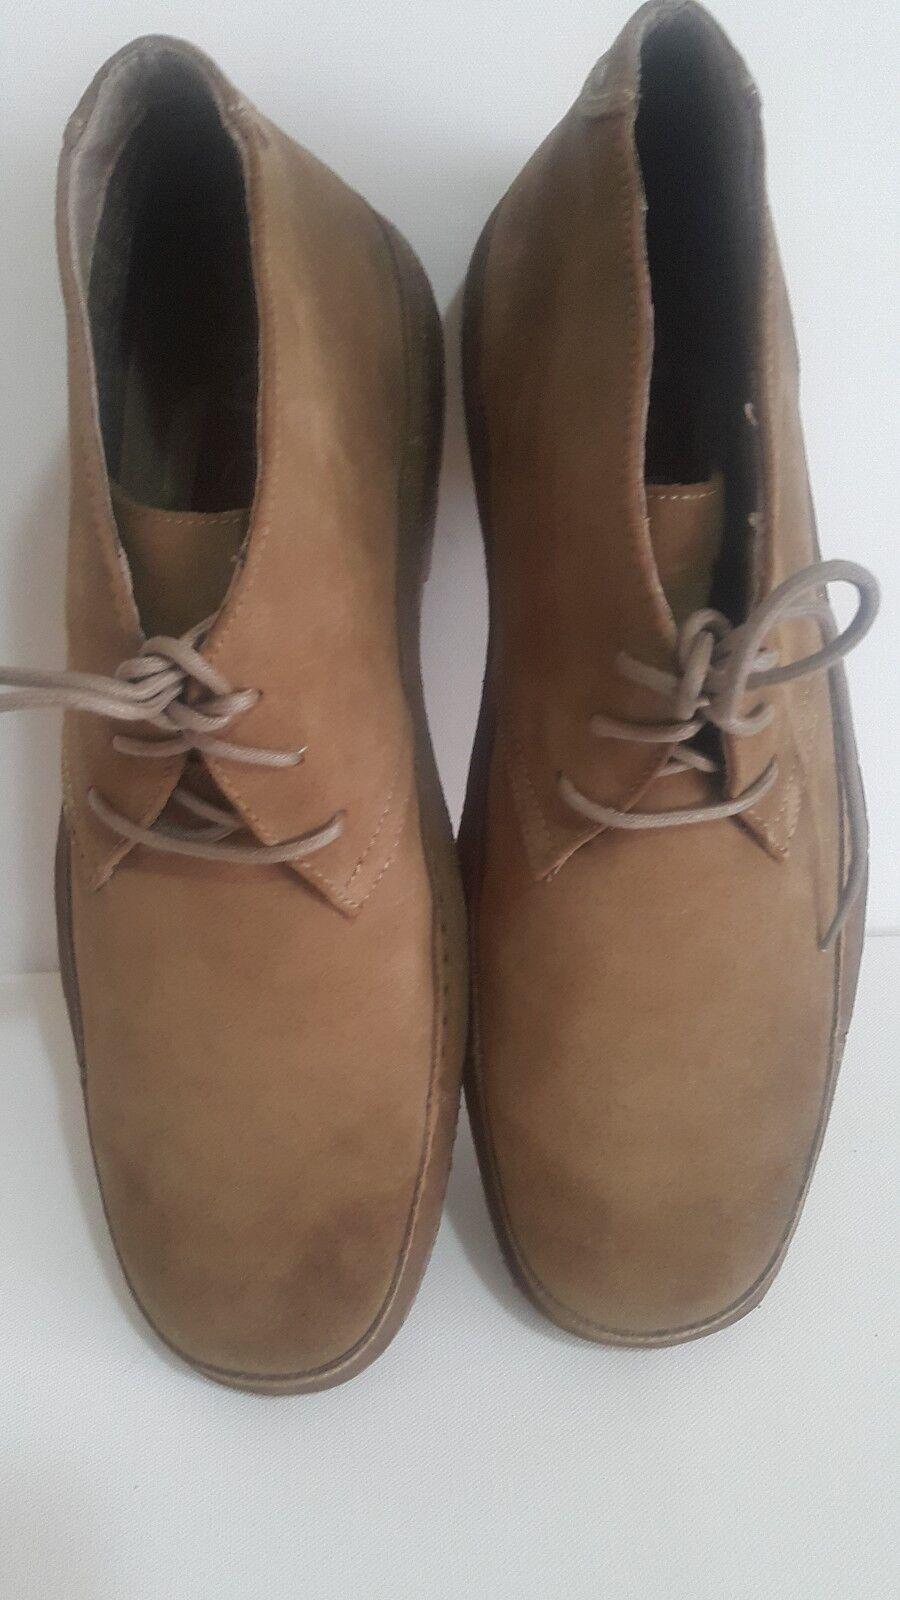 R. J Colt Men's shoes Oscar Laceup Desert Boot Camel size 13M